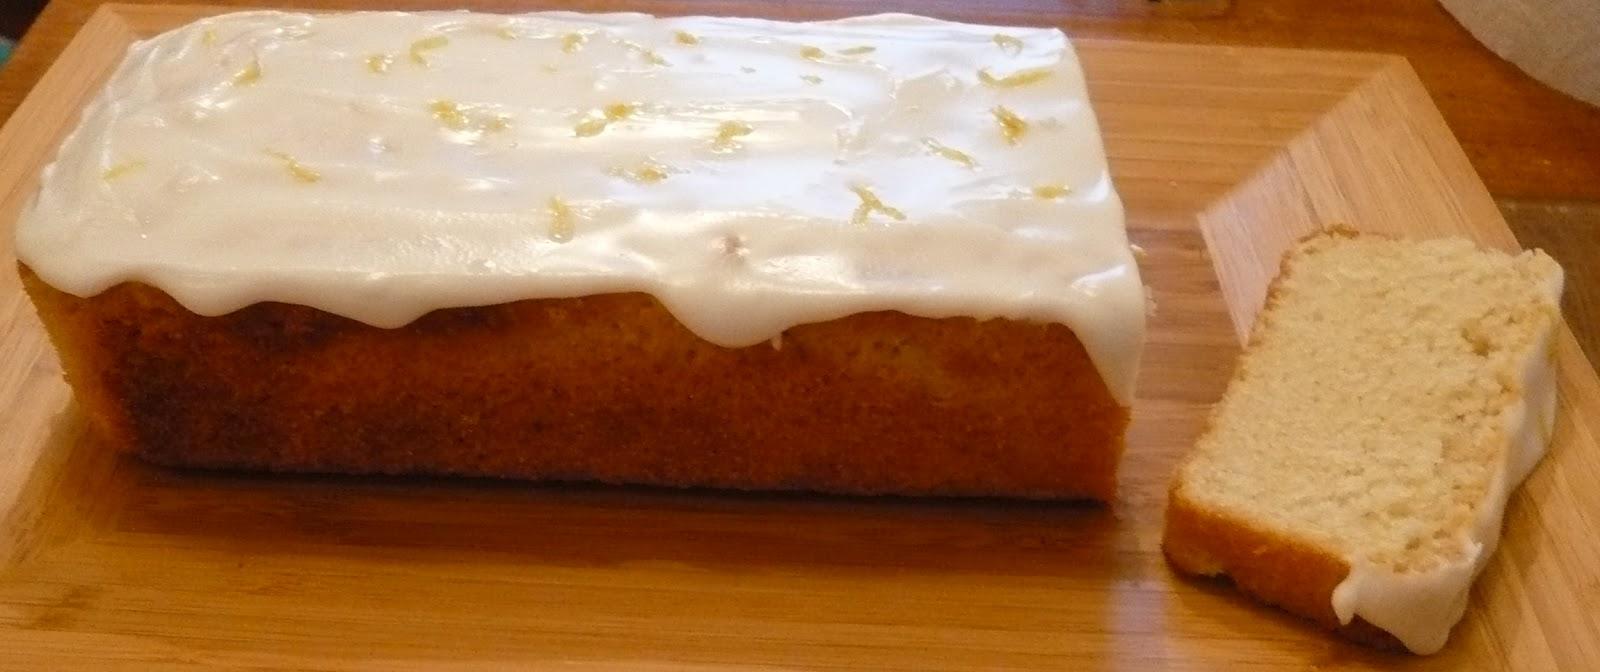 Vegan Cake Recipes Uk: My Pampered Life: Vegan Lemon Cake